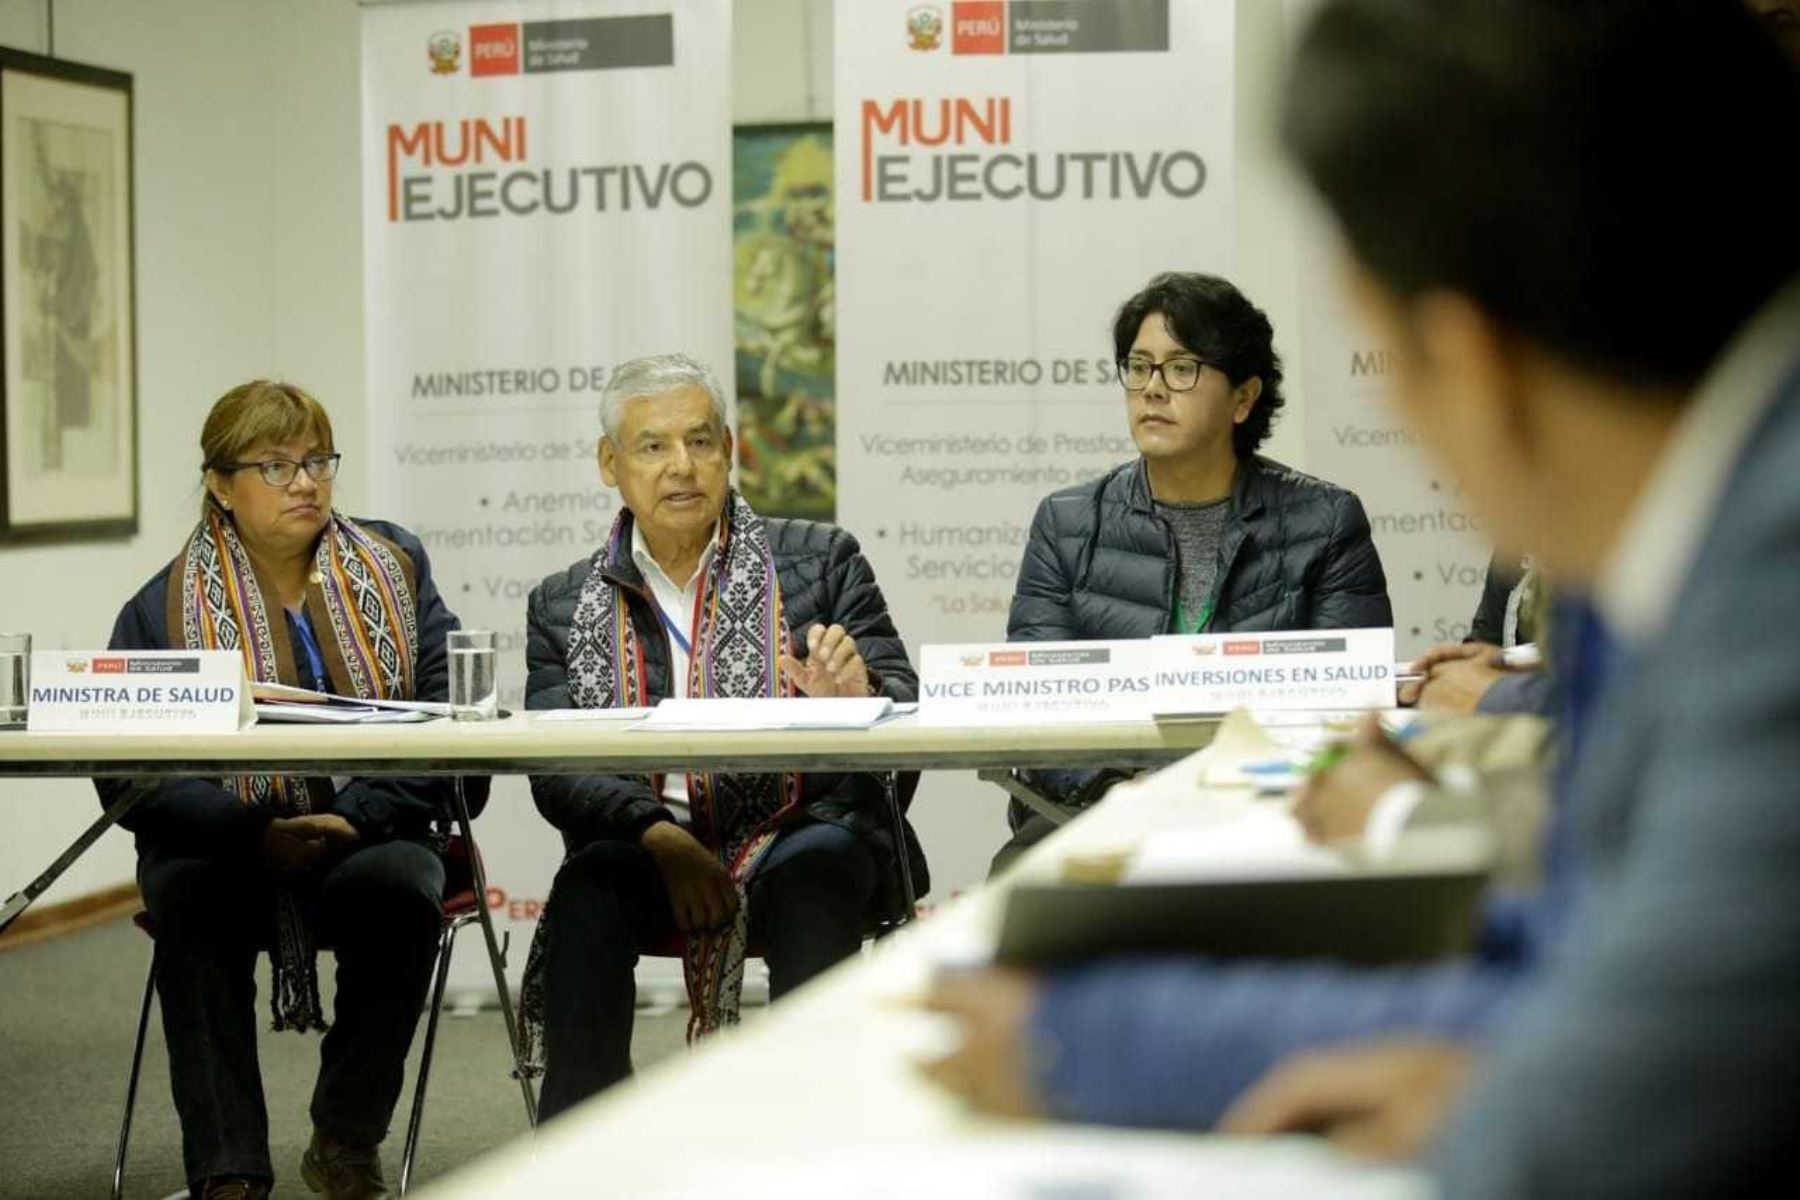 Presidente del Consejo de Ministros, César Villanueva, participa en el Muni Ejecutivo realizado en el Cusco.